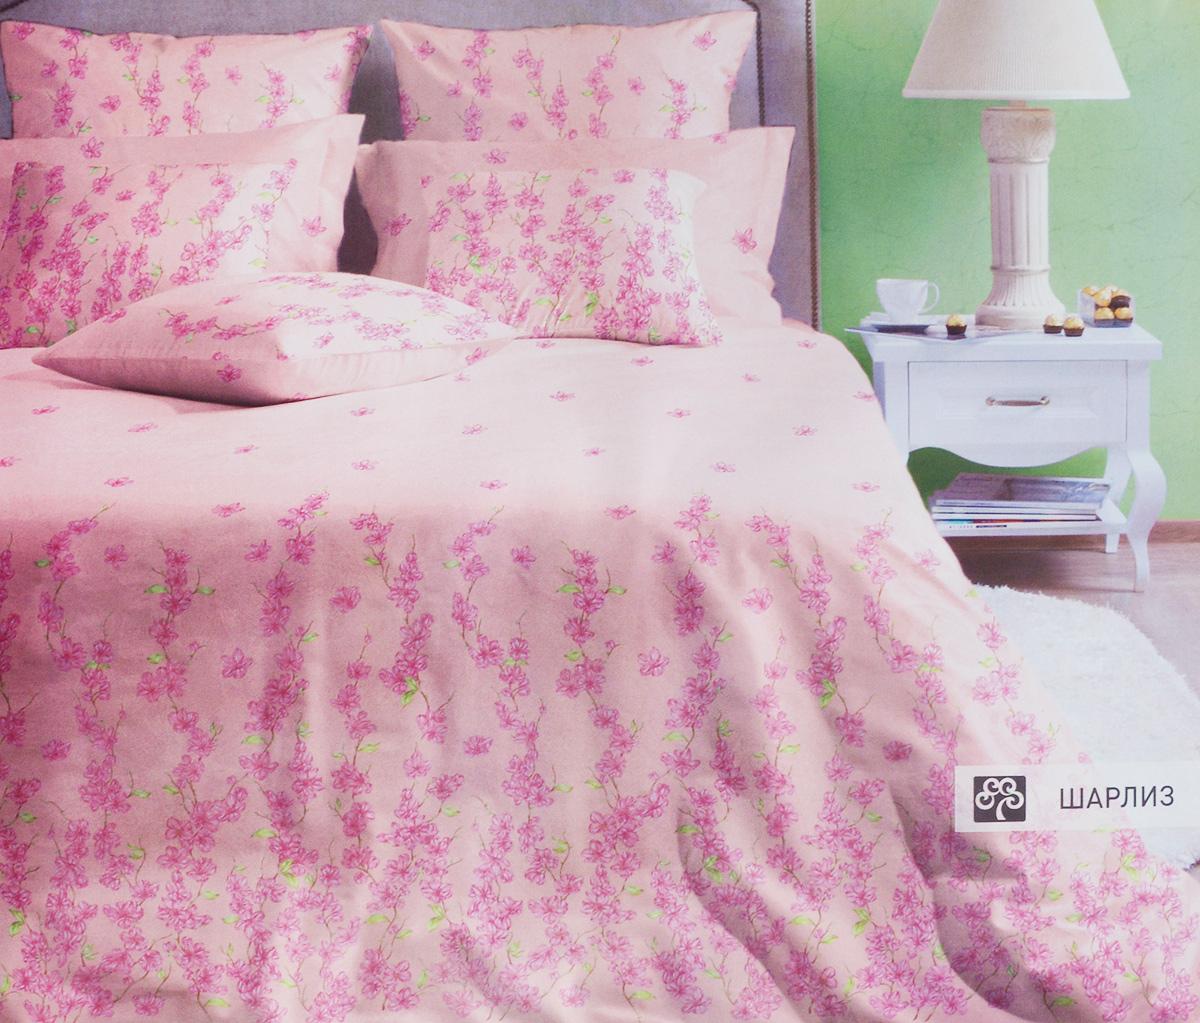 Комплект белья Хлопковый Край Шарлиз, 1,5-спальный, наволочки 70х7015б-1ХКссКомплект постельного белья выполнен из качественного хлопка и украшен цветочным рисунком. Комплект состоит из пододеяльника, простыни и двух наволочек.Постельное белье из хлопка превращает жаркие летние ночи в прохладные и освежающие, а холодные зимние - в теплые и согревающие. Постельное белье Хлопковый Край экологичное, гипоаллергенное, оно легко стирается и гладится, не сильно мнется и выдерживает очень много стирок, при этом сохраняя яркость цвета и рисунка.